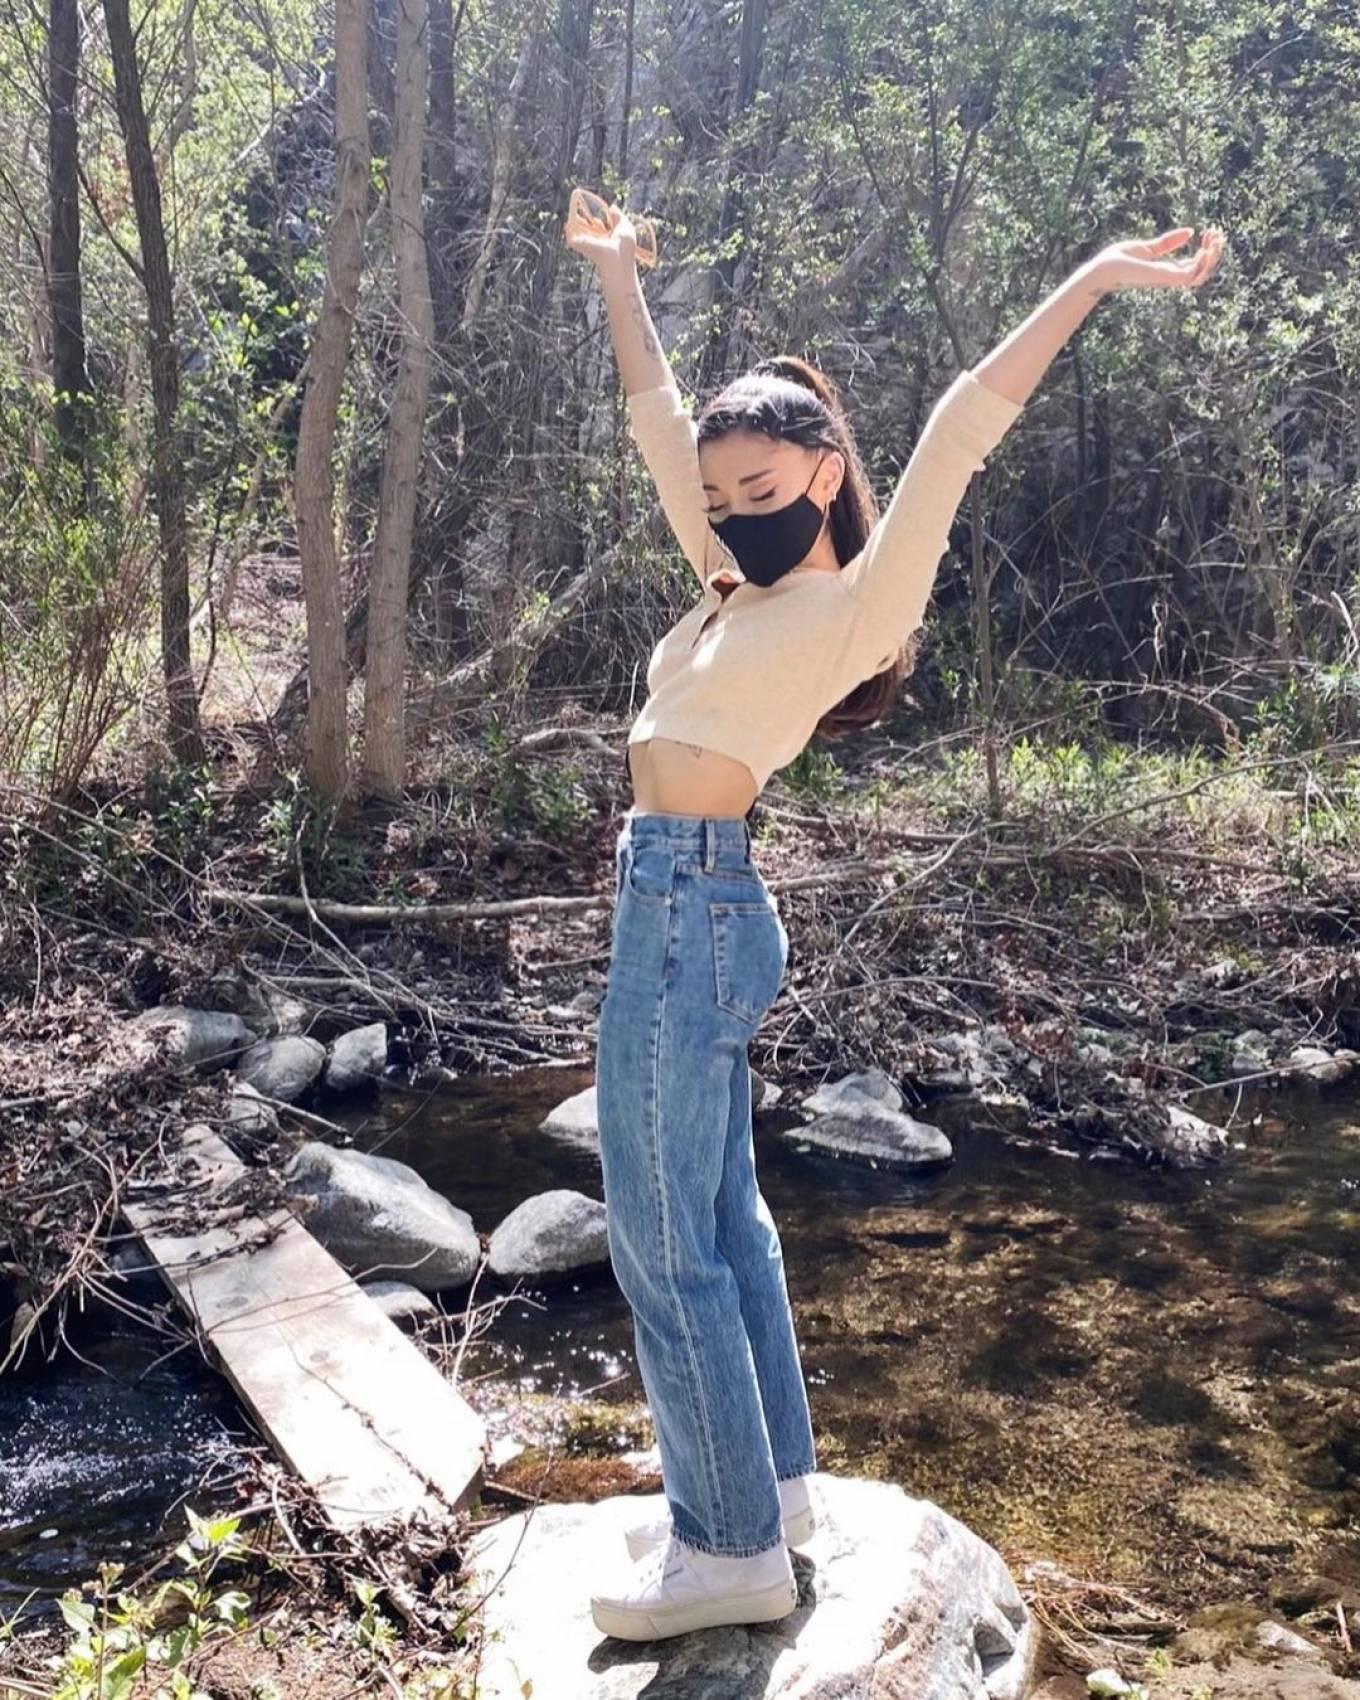 Ariana Grande - Photos